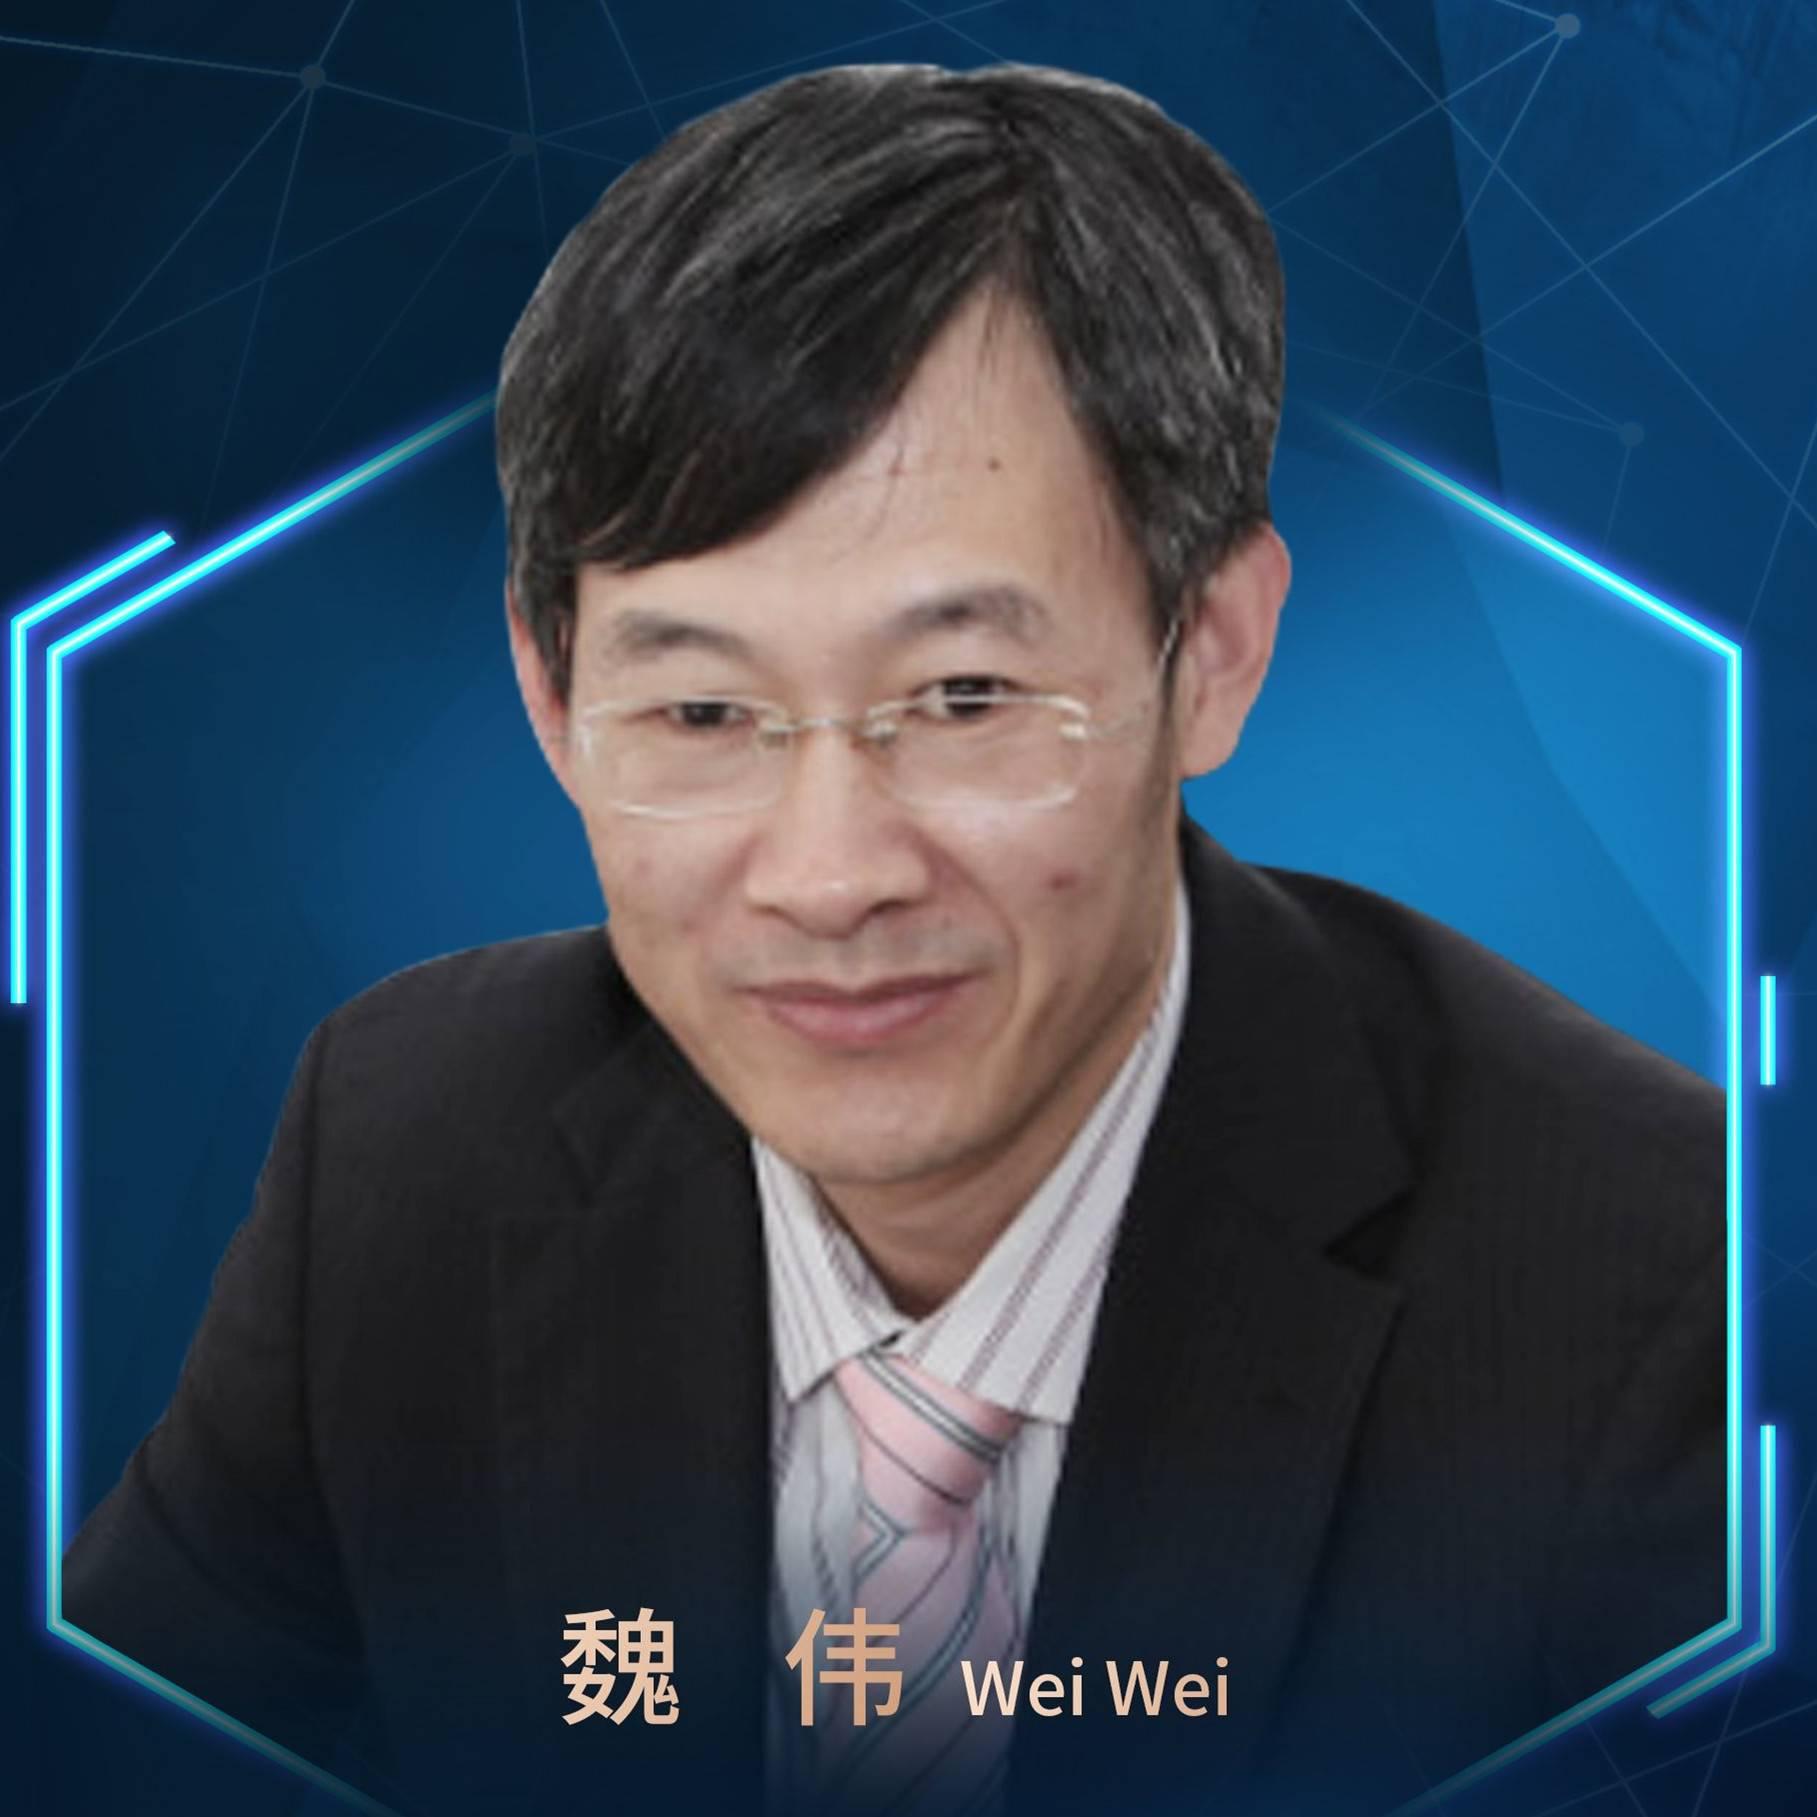 中科院上海高等研究院 副院长 魏伟